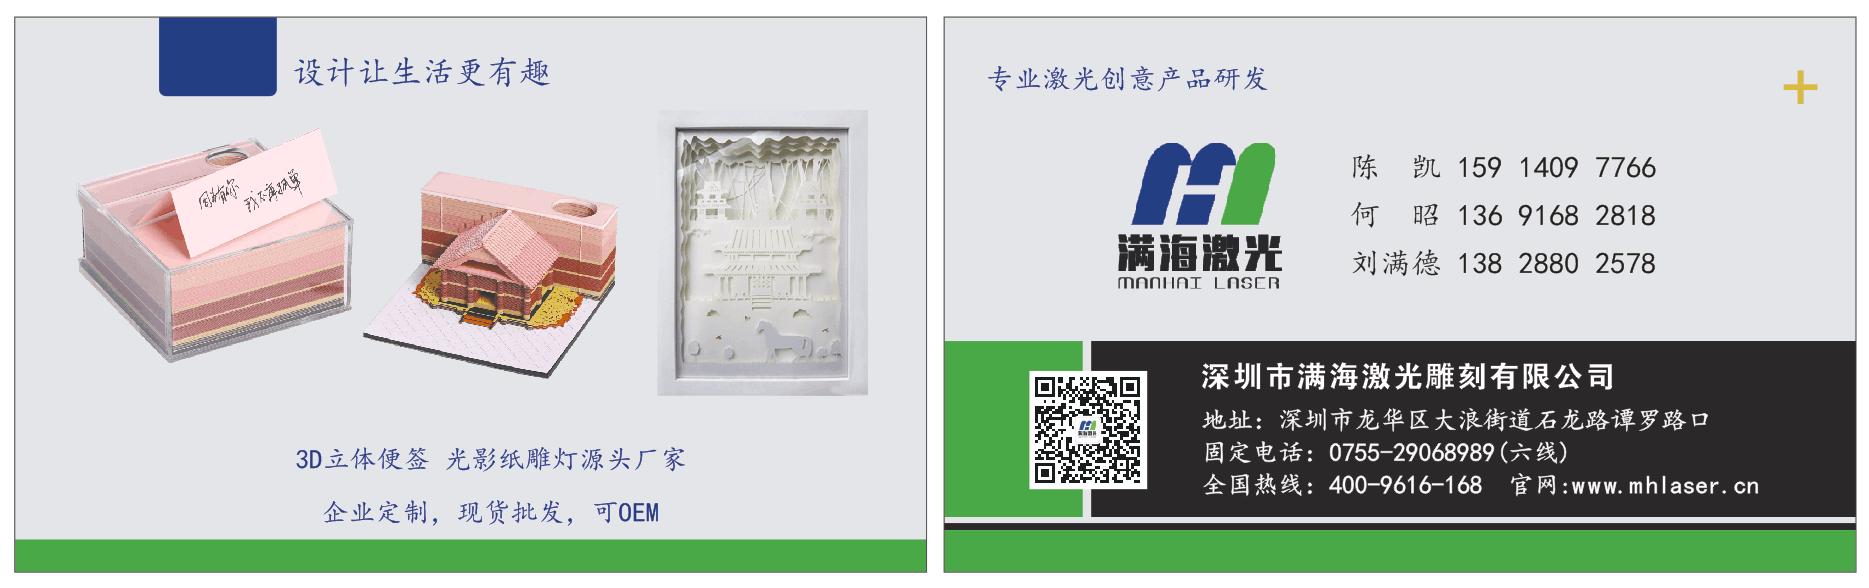 3D便签纸厂家400-9616-168